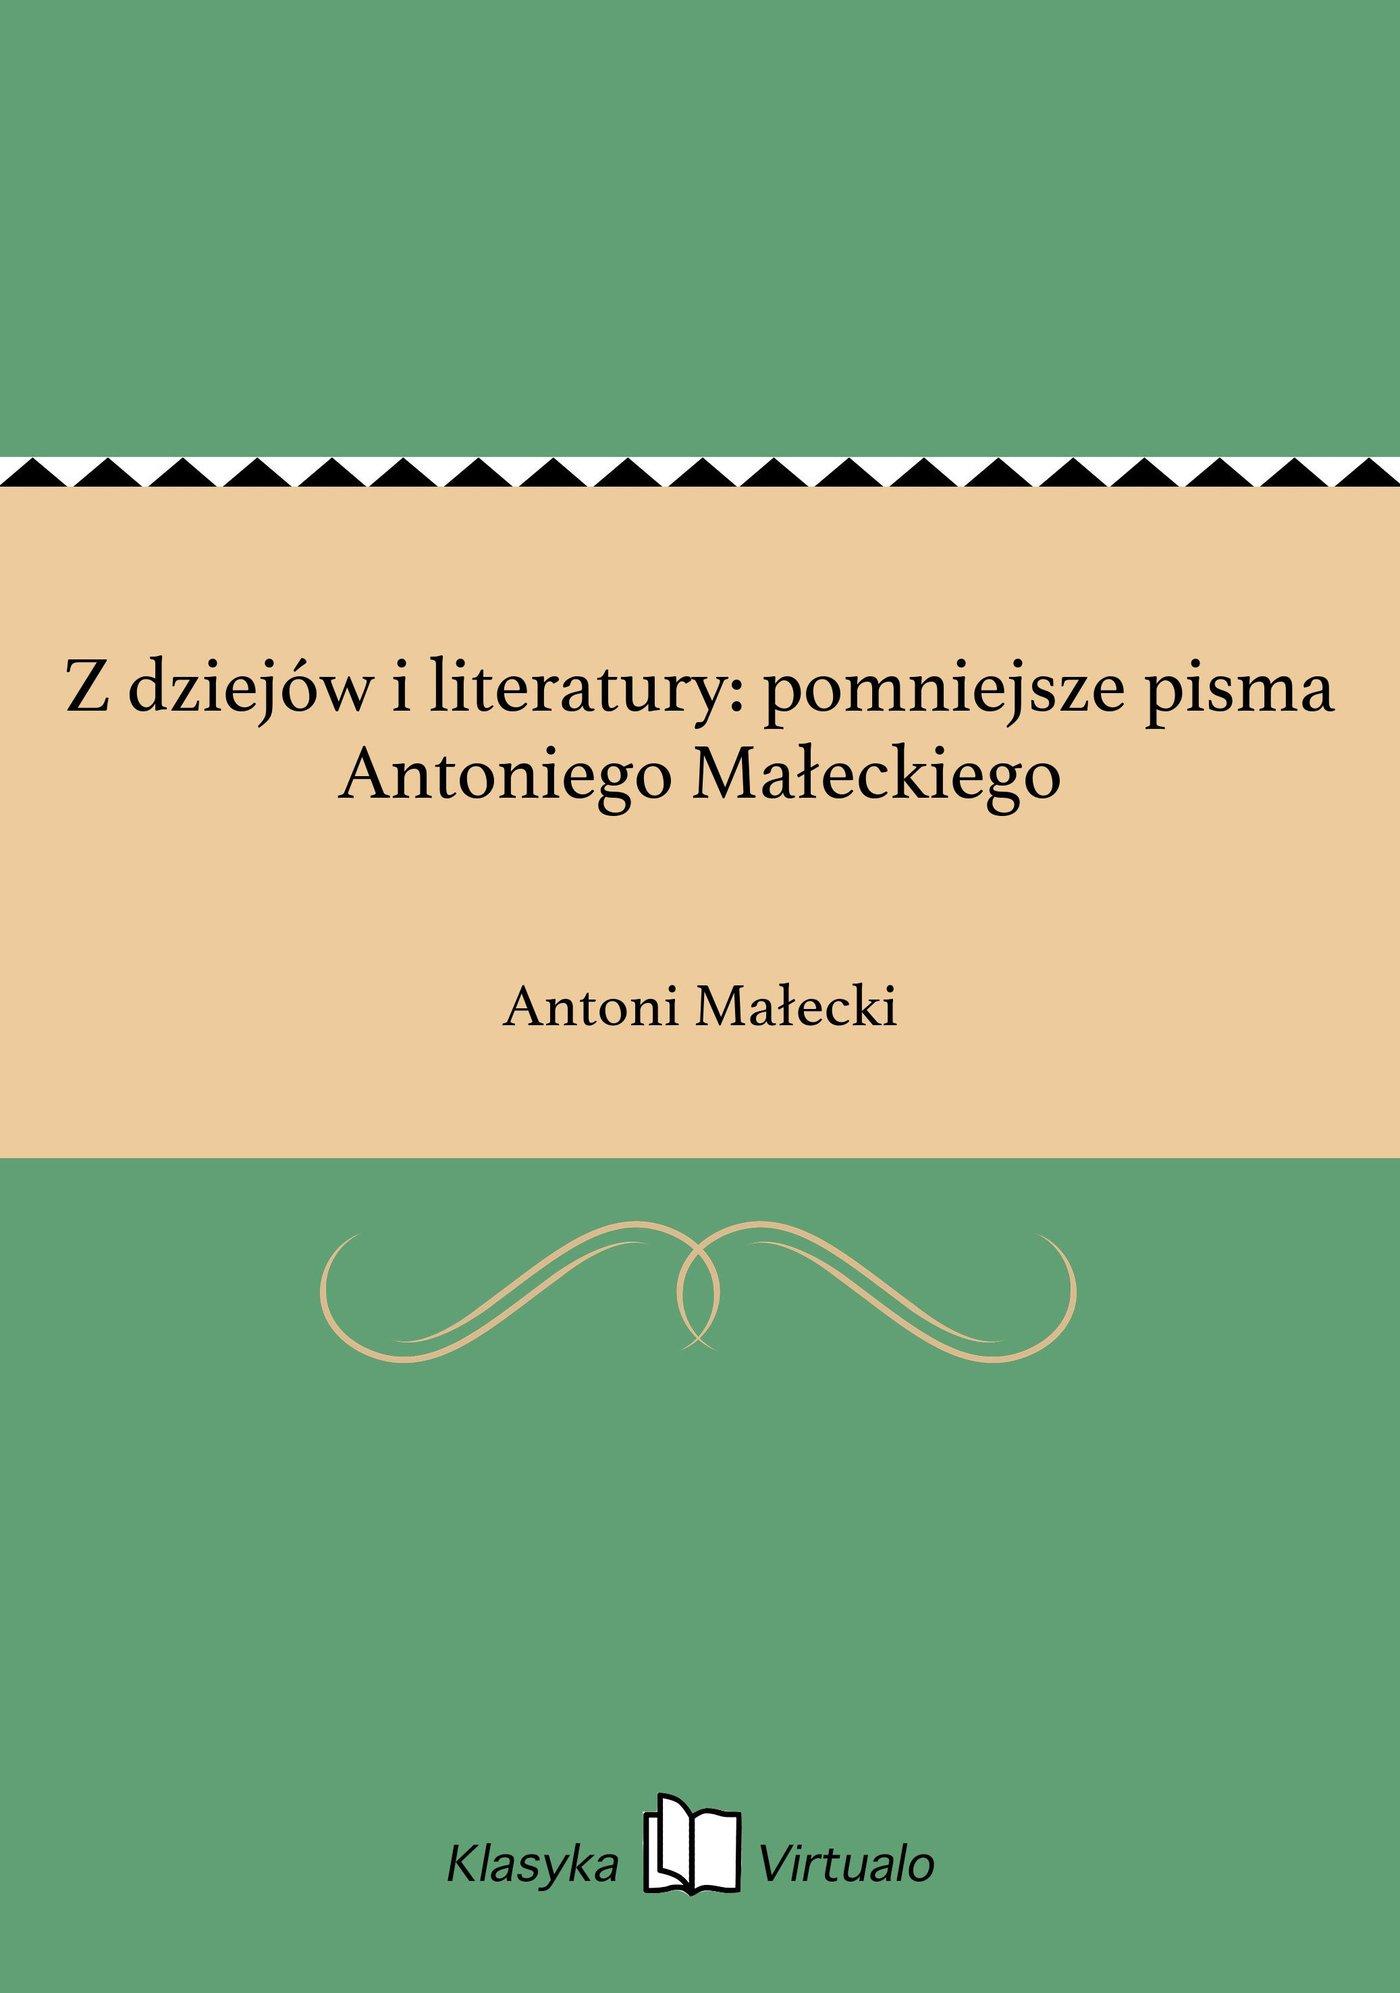 Z dziejów i literatury: pomniejsze pisma Antoniego Małeckiego - Ebook (Książka na Kindle) do pobrania w formacie MOBI